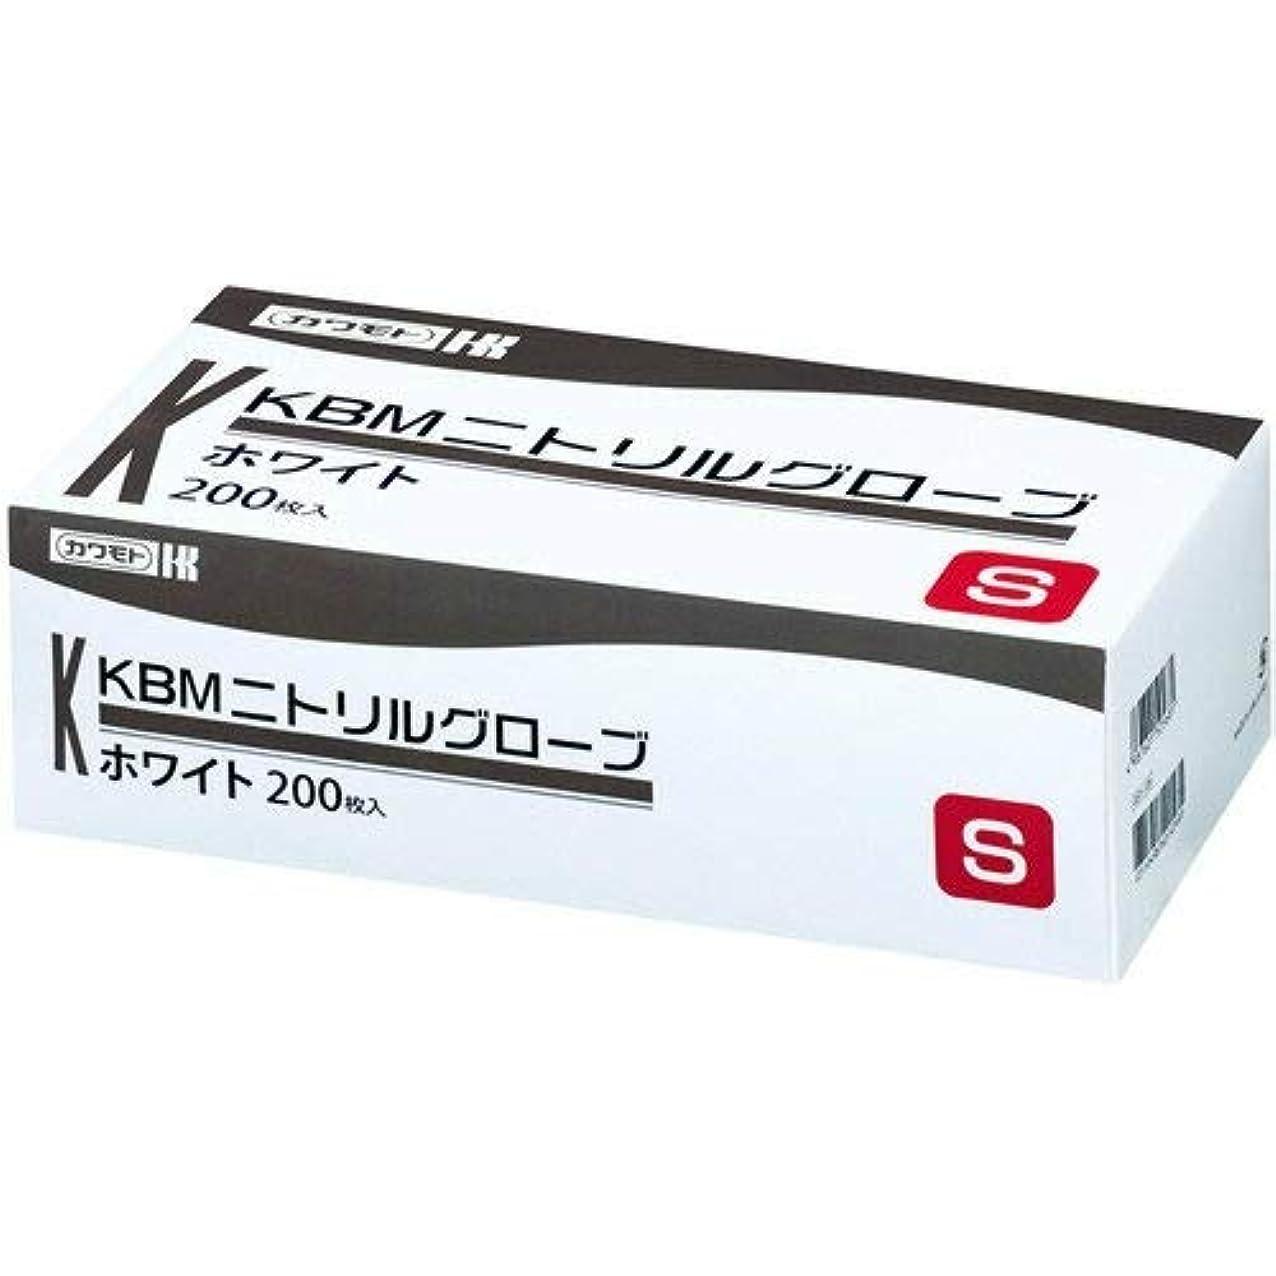 浴構成合併症川本産業 カワモト ニトリルグローブ ホワイト S 200枚入